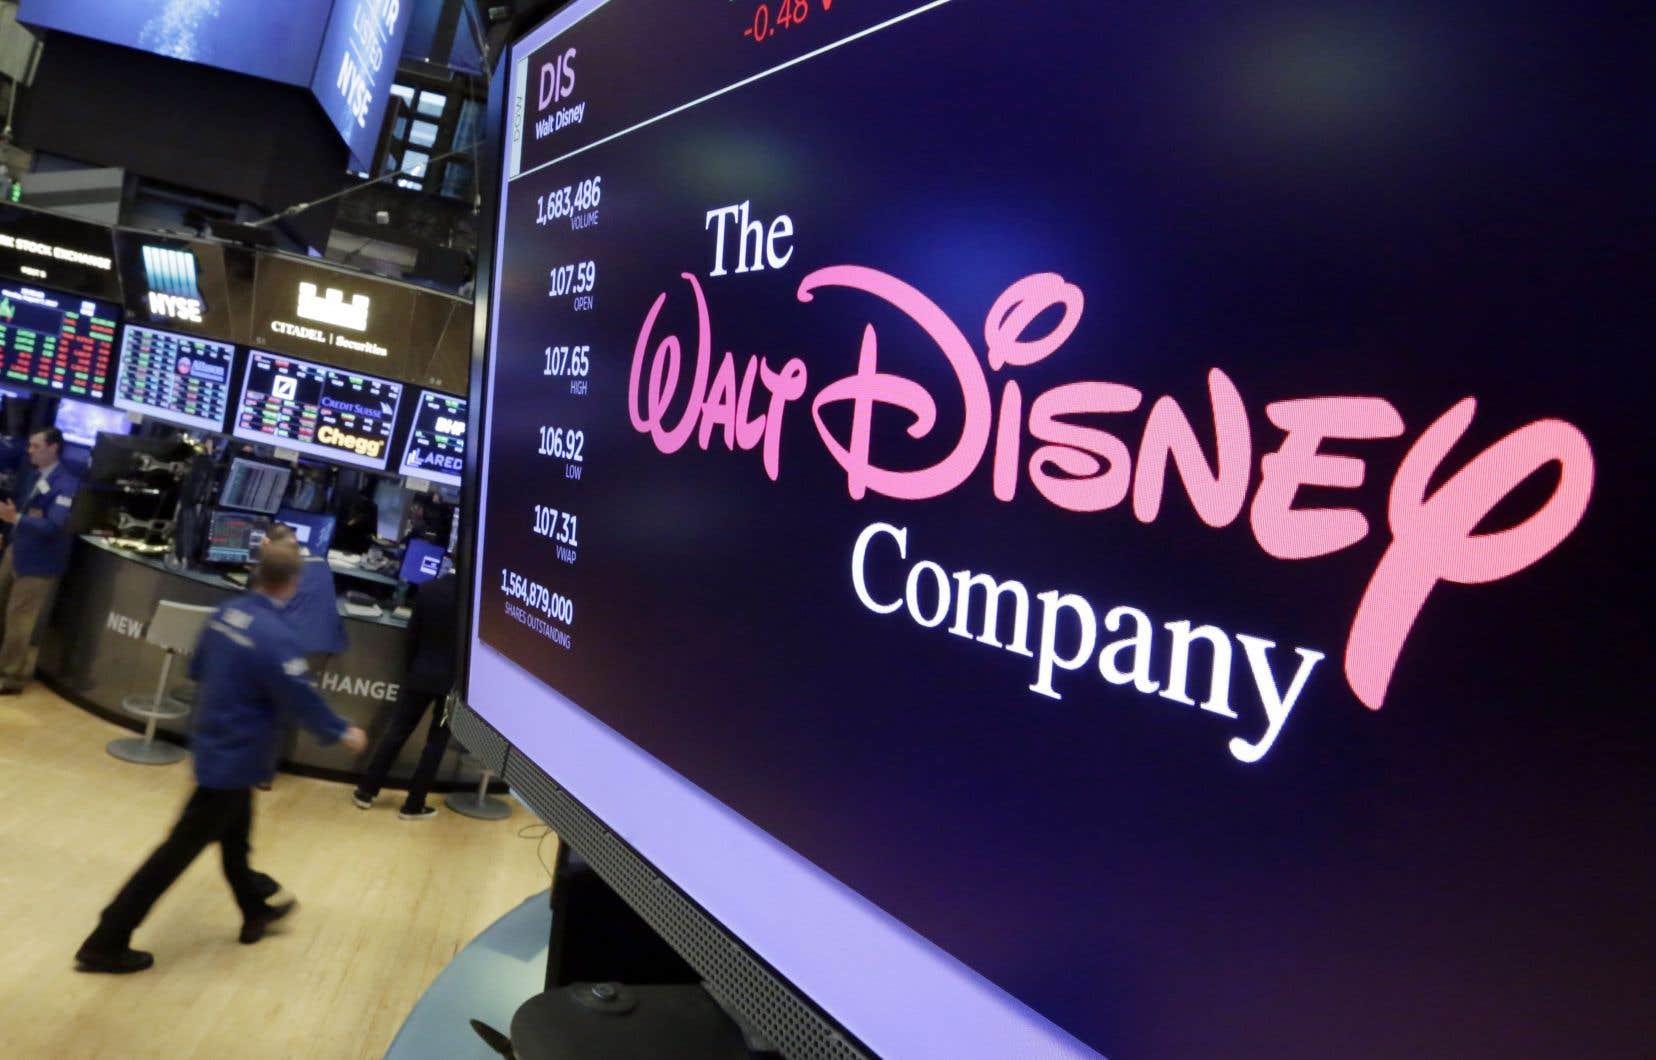 Le lancement de Disney Plus intervient après que Disney eut mis fin à sa relation de licence avec Netflix et commencé à extraire une partie de son contenu du service.